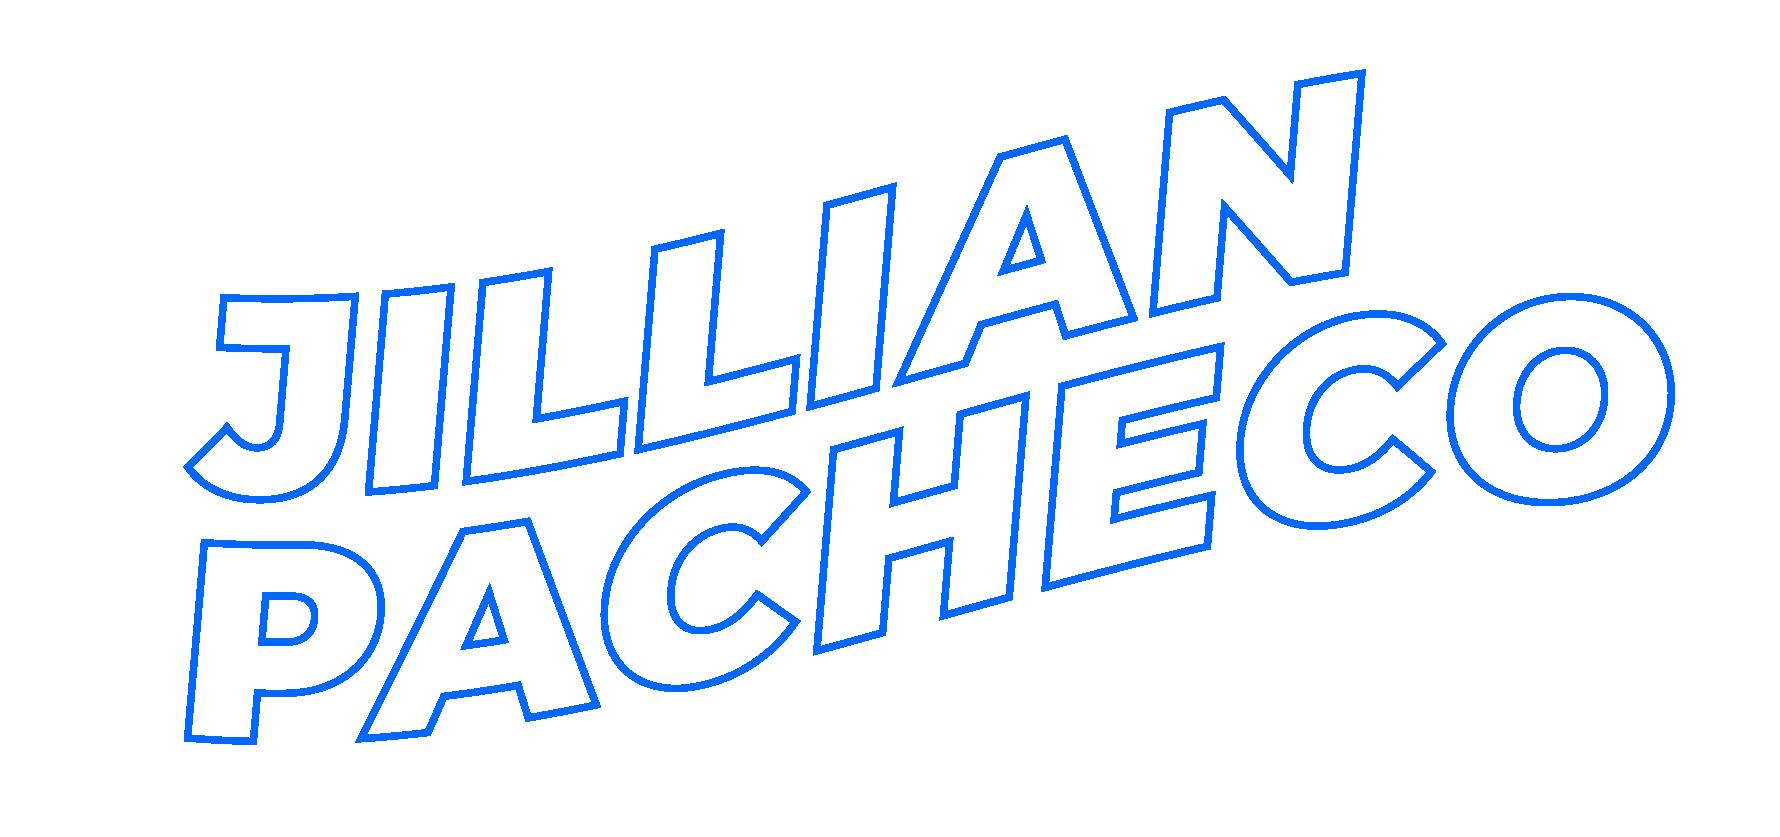 Jillian Pacheco